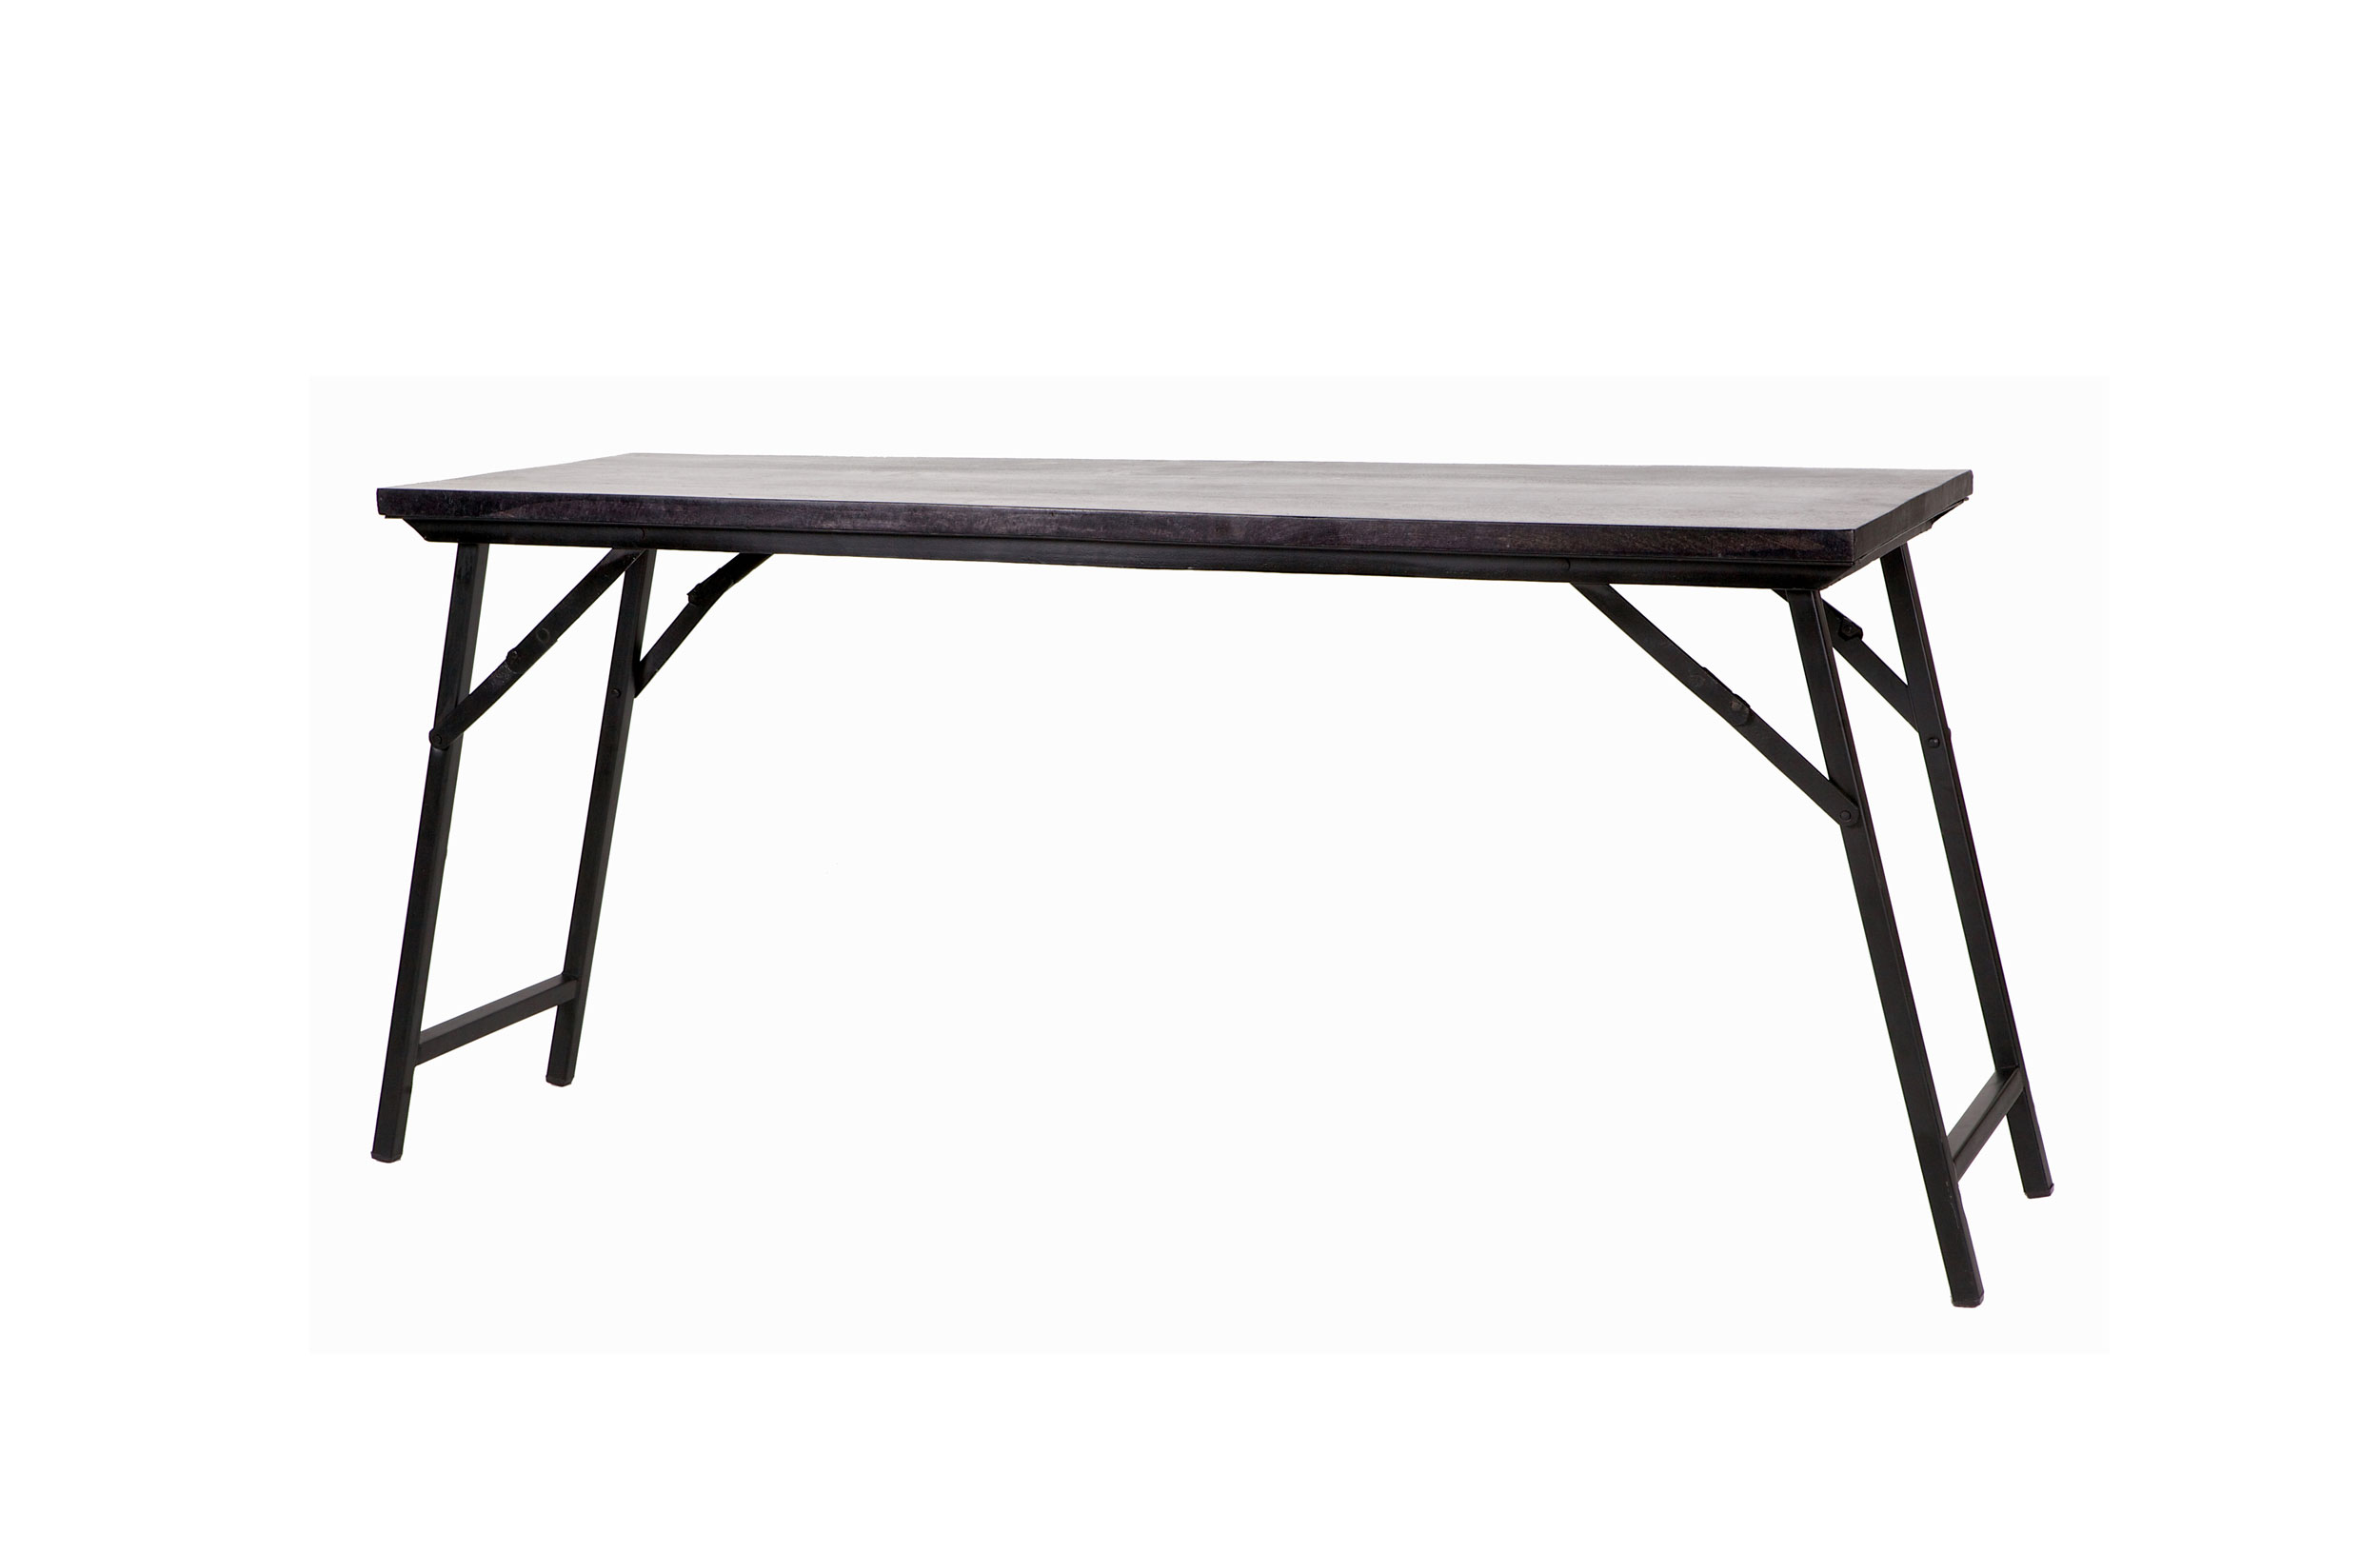 Стол Fold UpПисьменные столы<br>&amp;lt;div&amp;gt;Компактный складной стол Fold Up придется по вкусу тем, кто любит просторные, «свободные» лофт-интерьеры. Классическая прямоугольная форма и симметричные линии подчеркивают простой силуэт. Столешница выполнена из натурального дерева манго, что добавляет модели благородства. Металлические ножки смотрятся немного грубовато за счет крепежного механизма. Но именно такой контрастный предмет актуален для индустриального стиля.&amp;amp;nbsp;&amp;lt;br&amp;gt;&amp;lt;/div&amp;gt;&amp;lt;br&amp;gt;&amp;lt;div&amp;gt;&amp;lt;div&amp;gt;Цвет: черный.&amp;amp;nbsp;&amp;lt;/div&amp;gt;&amp;lt;div&amp;gt;Размеры: 150х72х50см.&amp;lt;/div&amp;gt;&amp;lt;/div&amp;gt;<br><br>Material: Дерево<br>Ширина см: 50<br>Высота см: 72